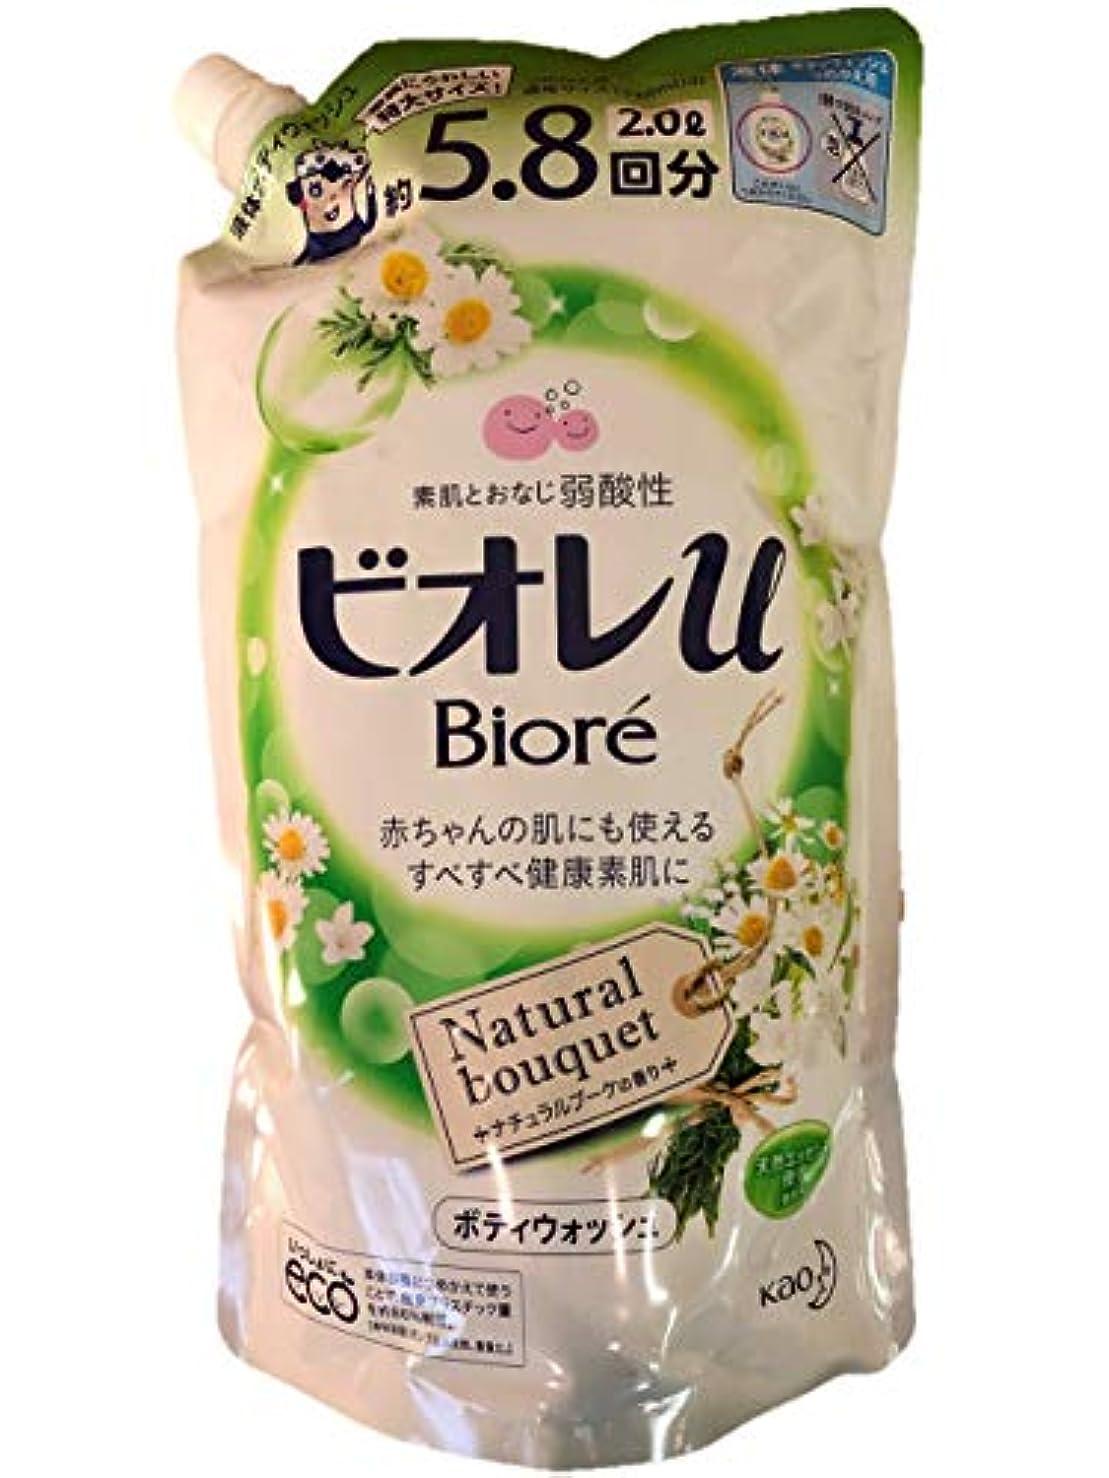 思いつくわざわざ色【大容量】ビオレu 詰め替え用 ナチュラルブーケの香り 5.8回分 2L